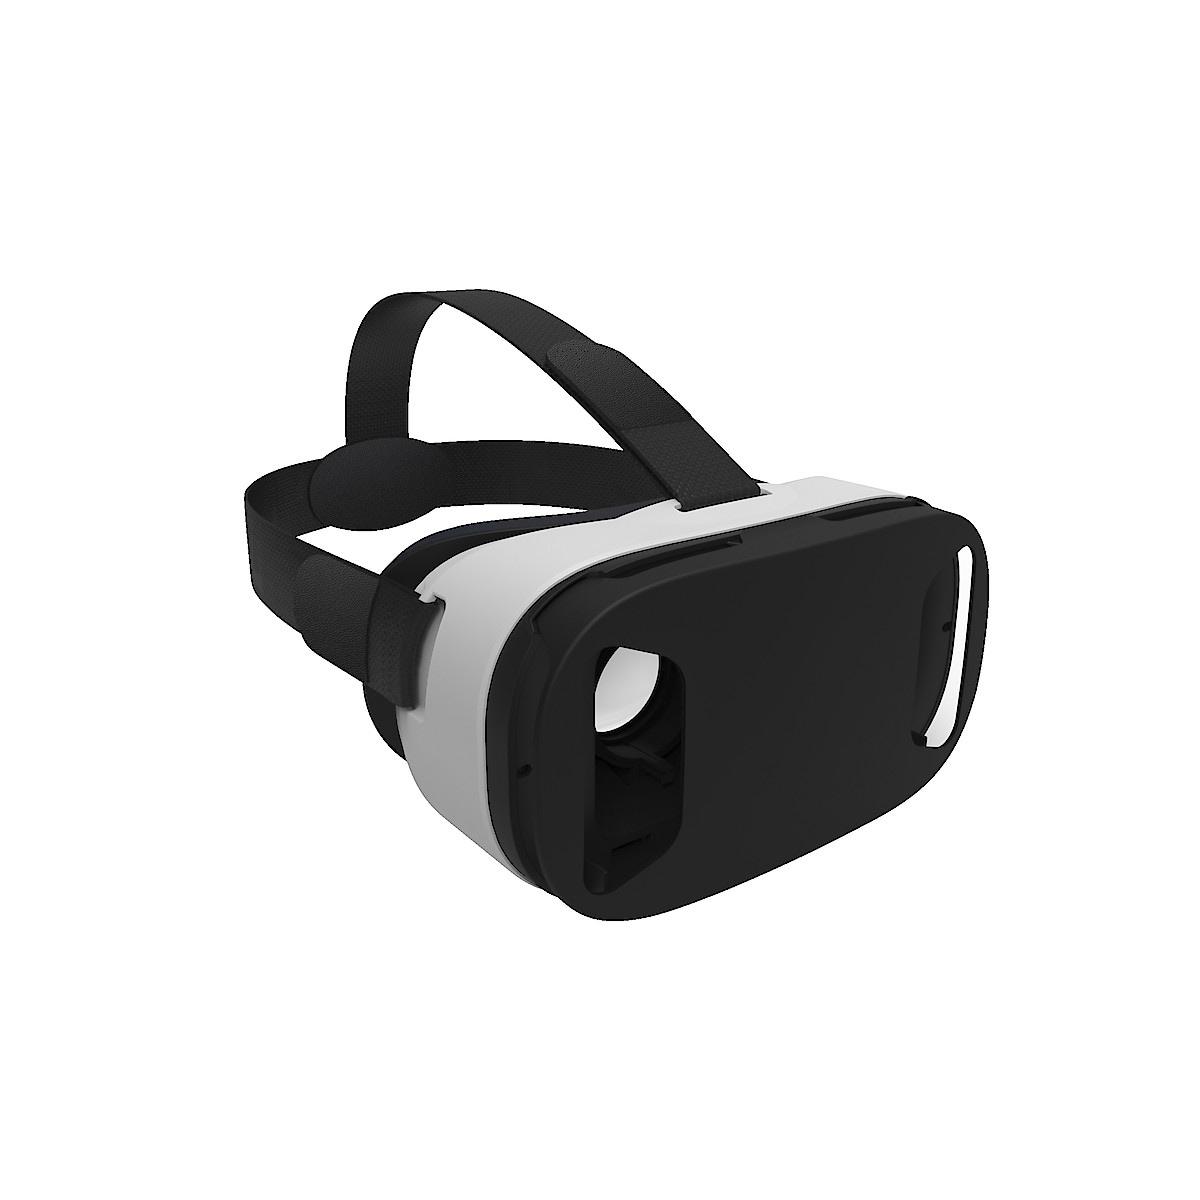 VR-glasögon för smartphone Exibel GX-VR